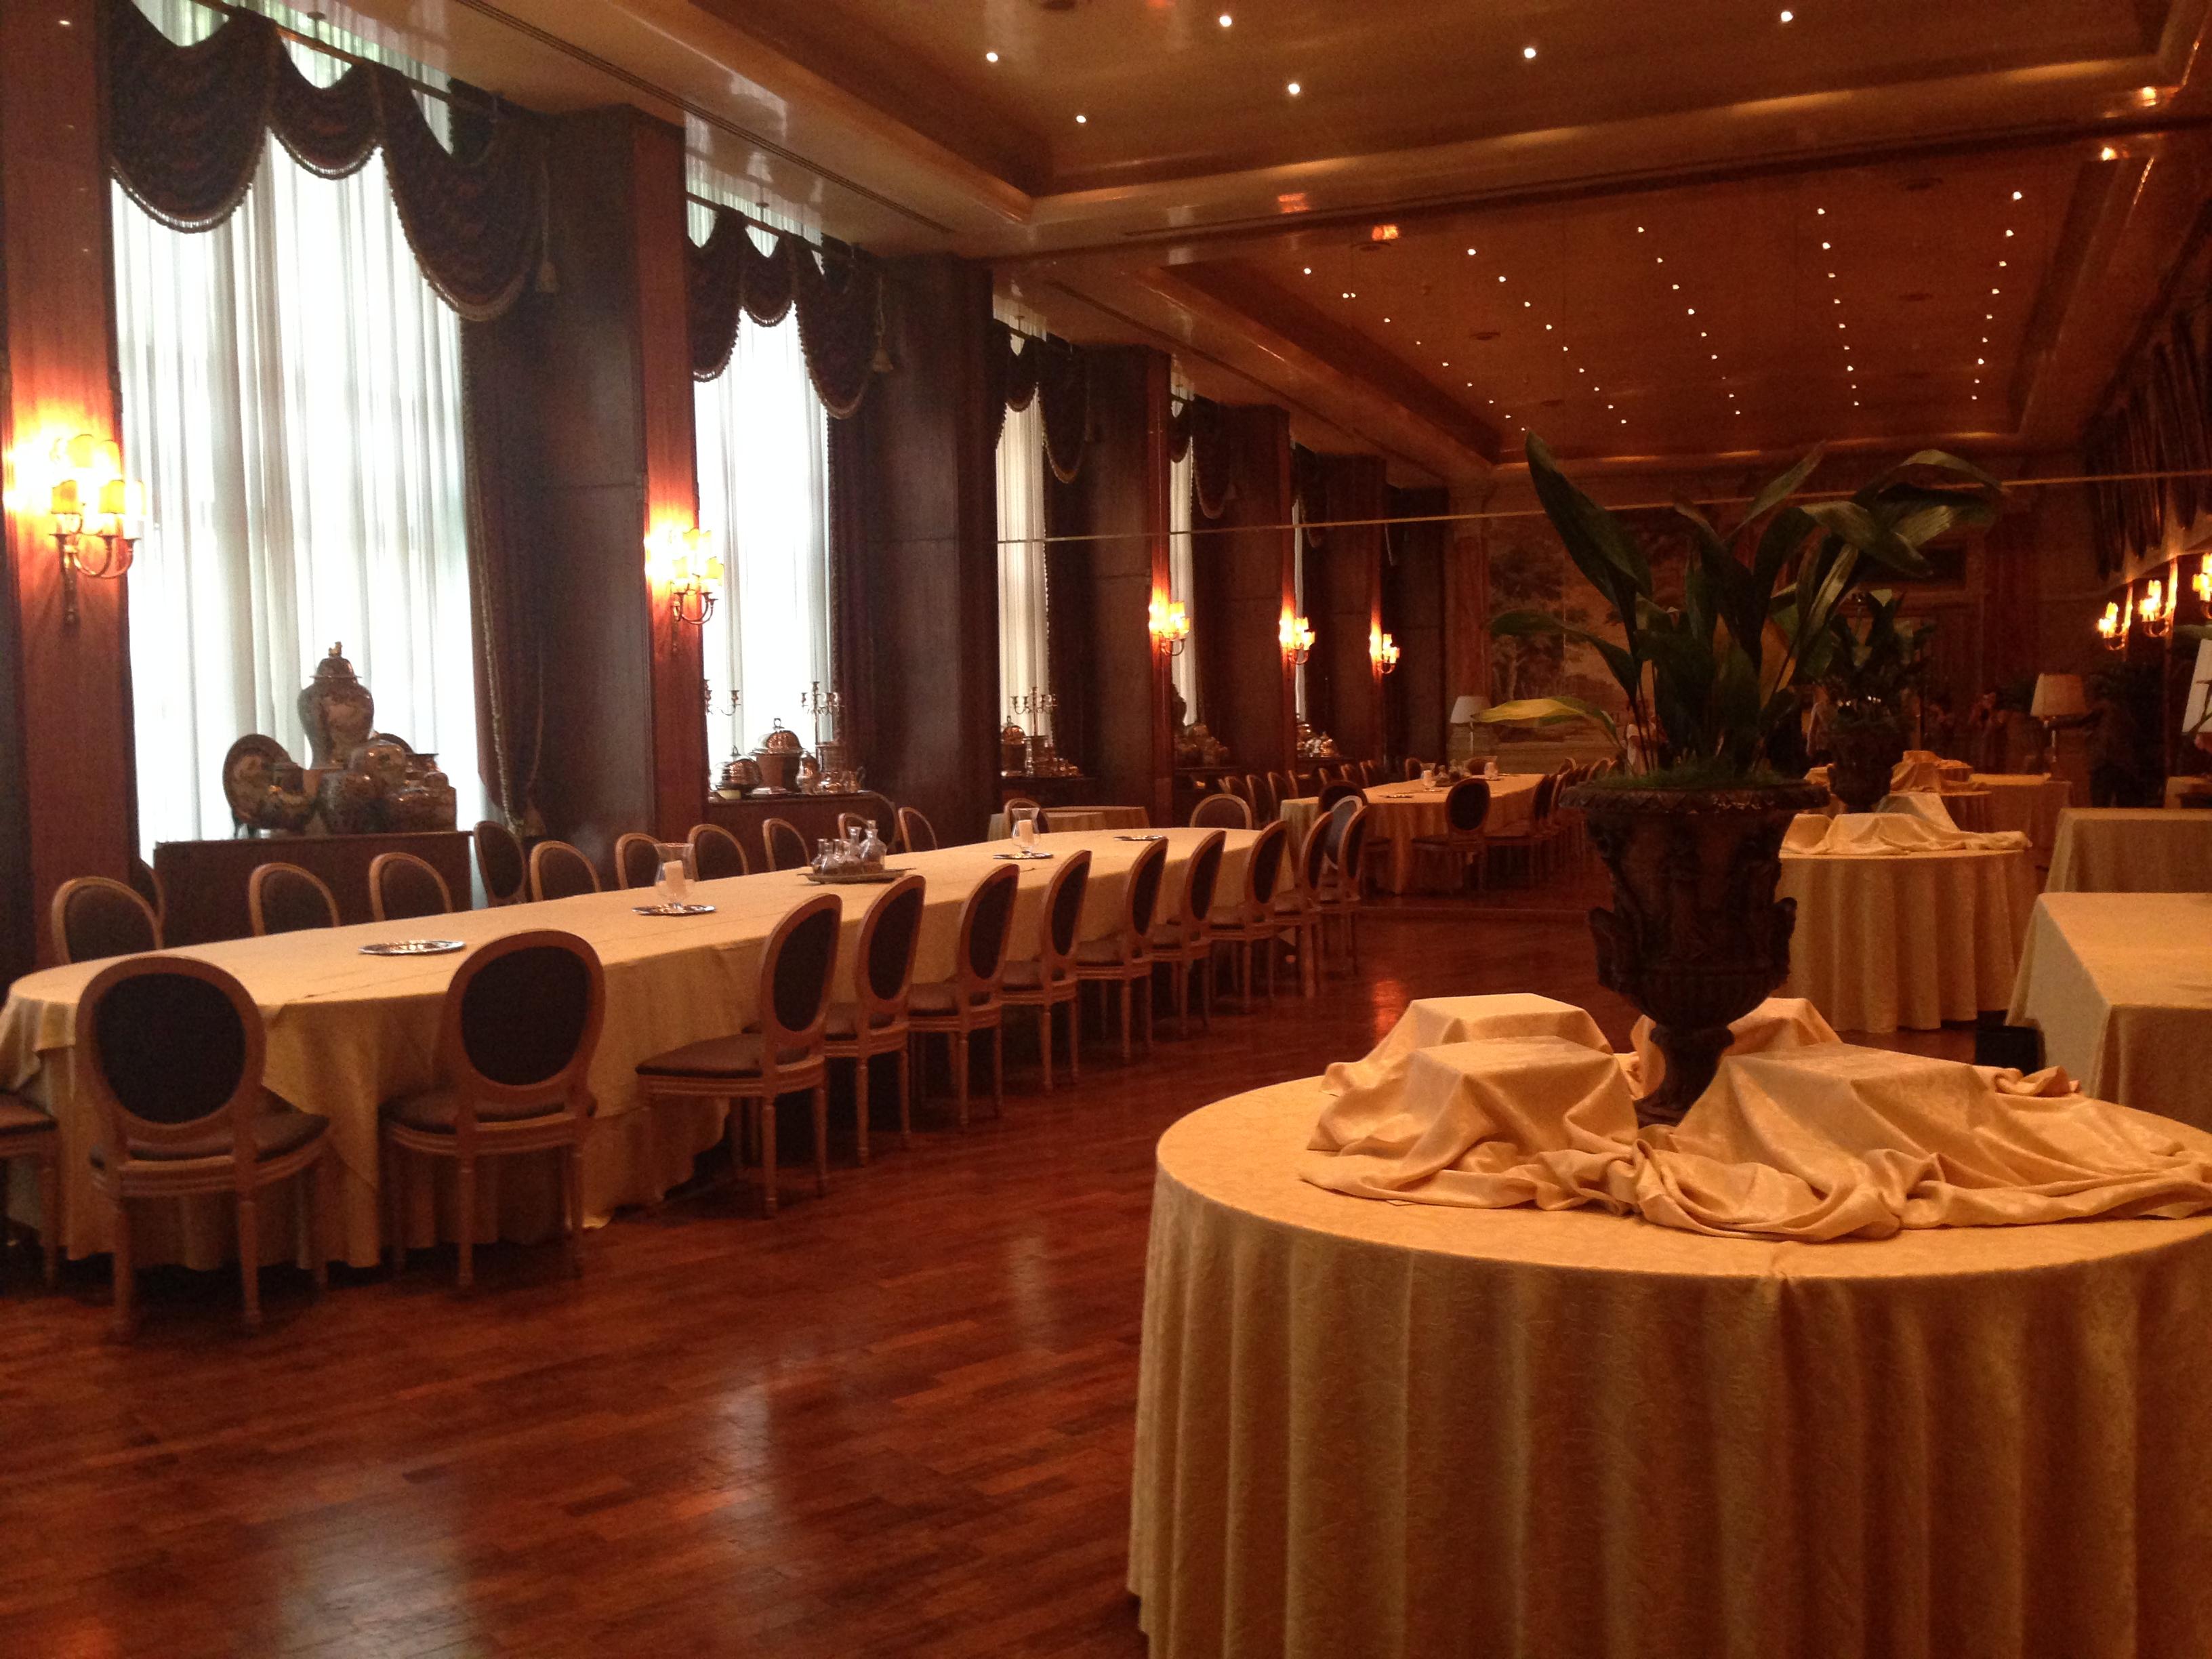 img_3319 Pausa pranzo al ristorante Deby Grill presso l'Hote de la Ville a Monza